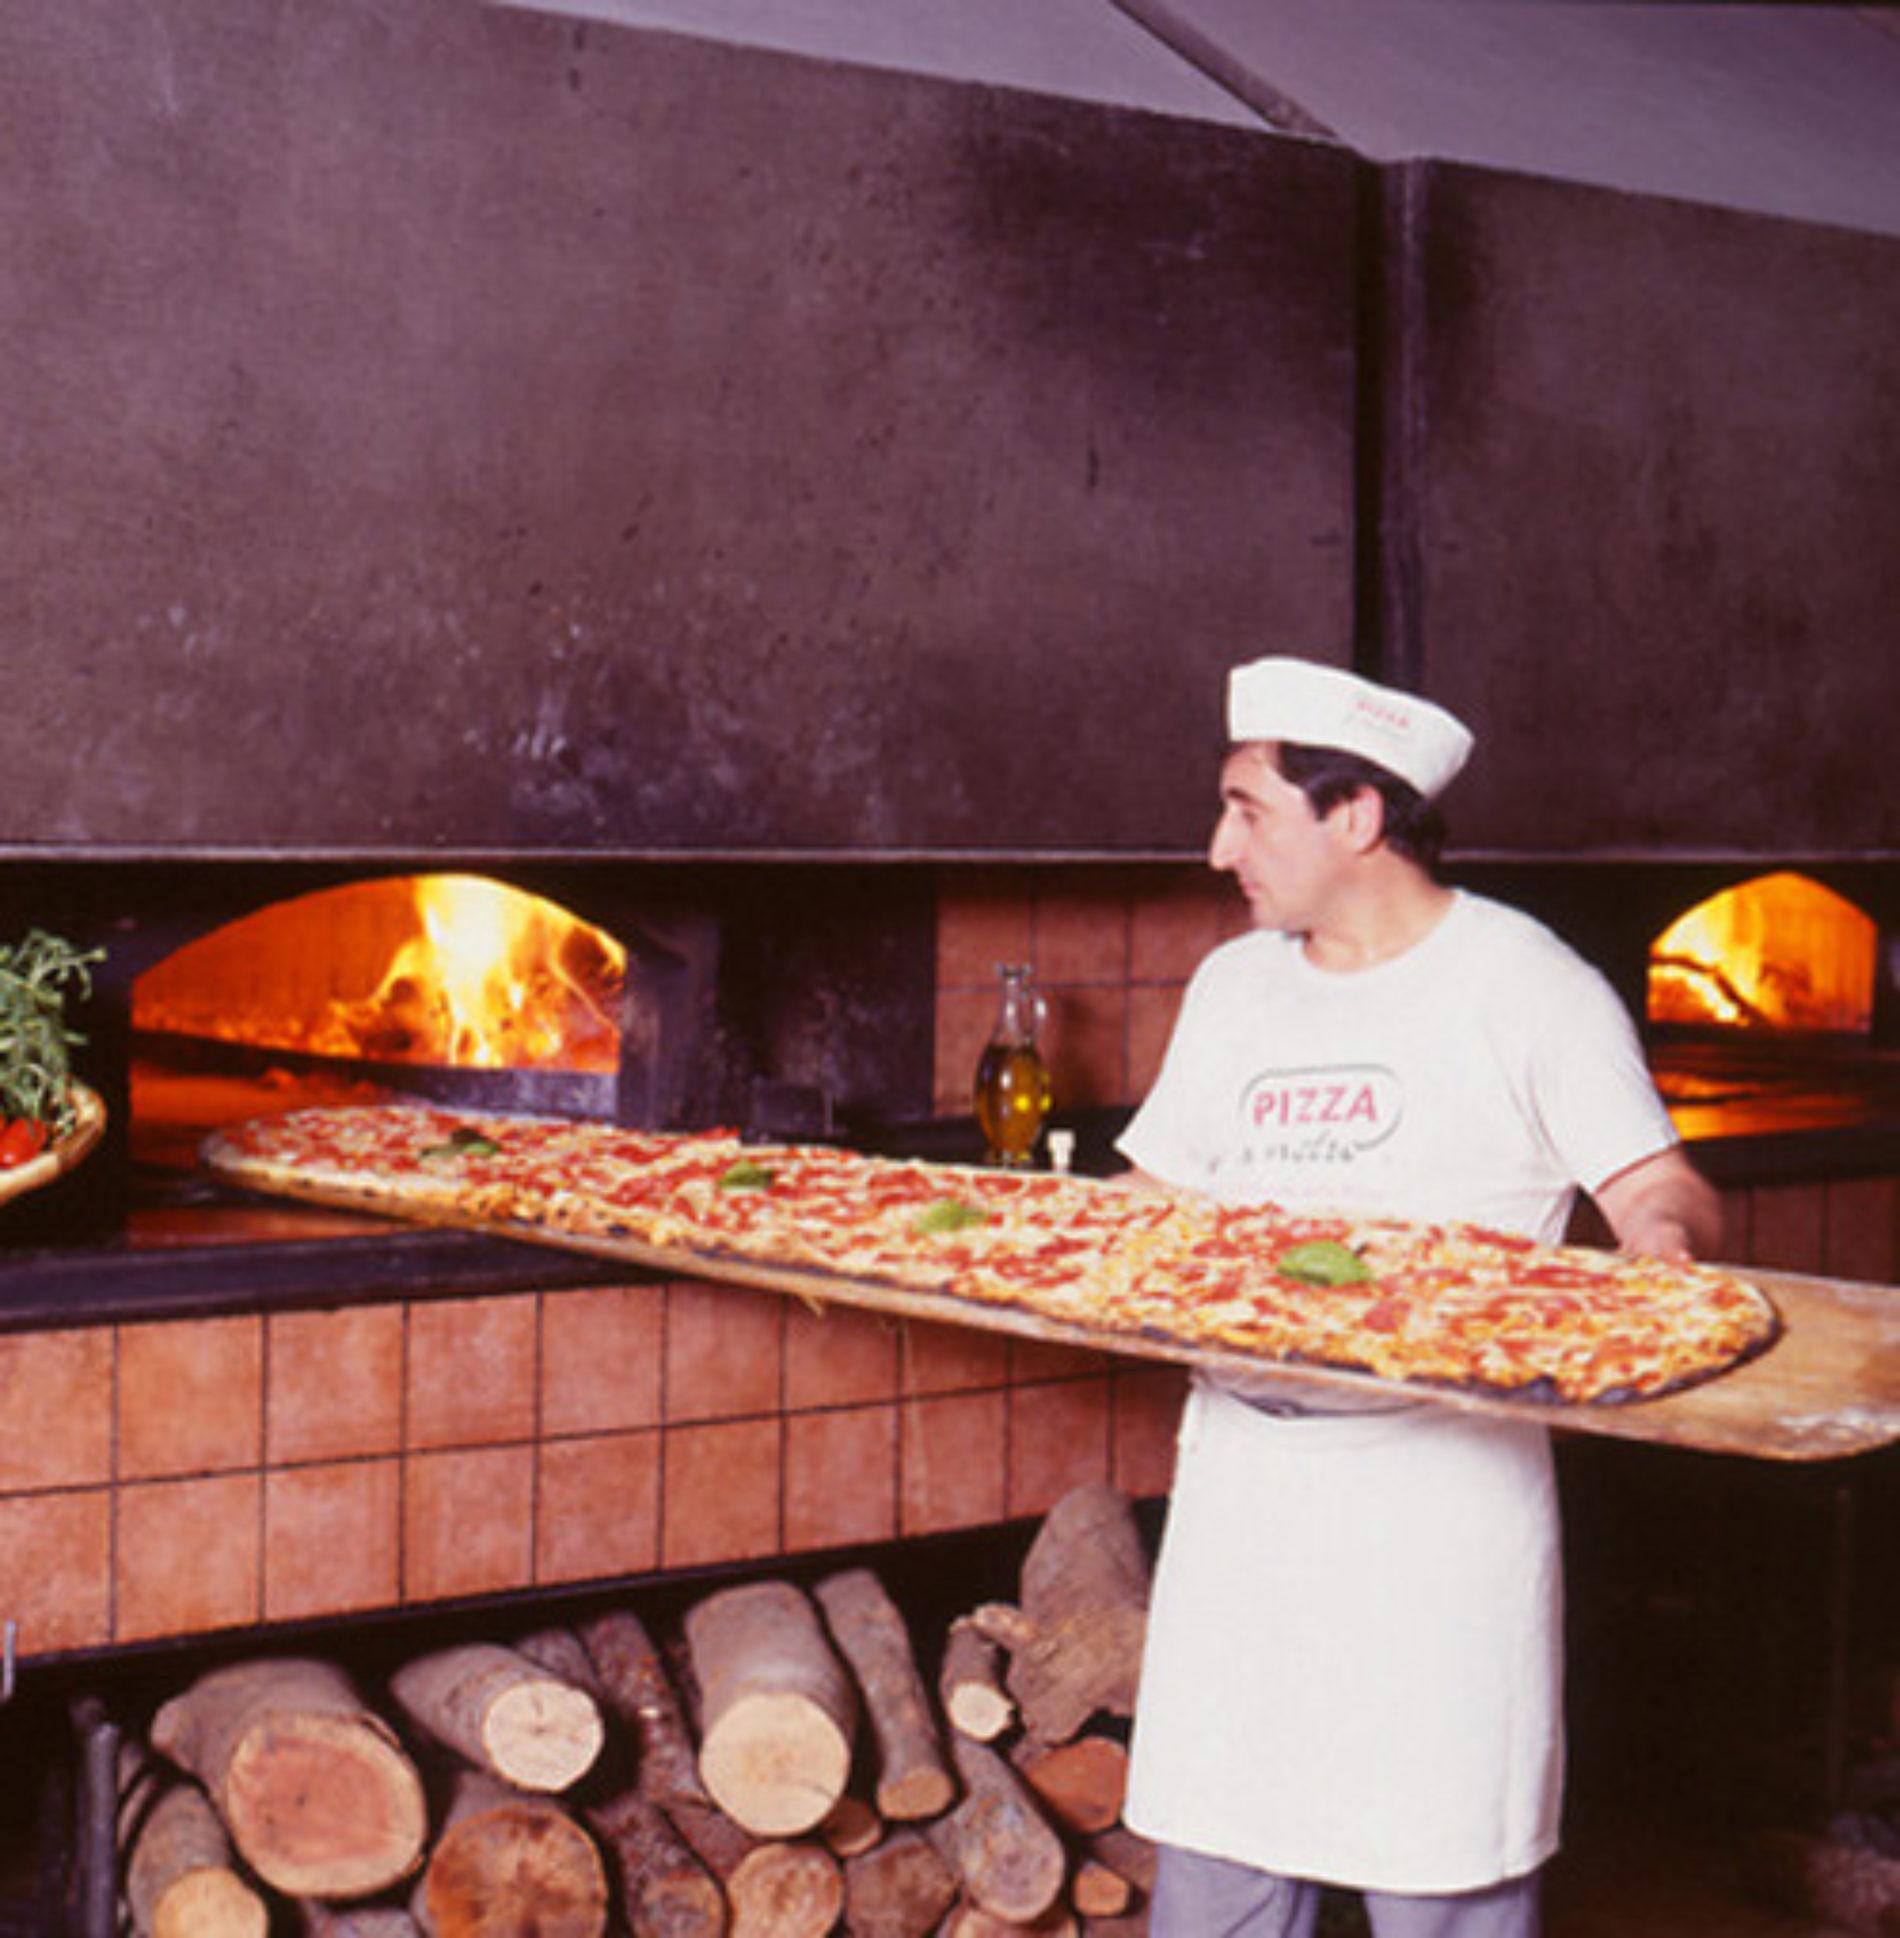 Sorrento dice no al distributore automatico di pizze